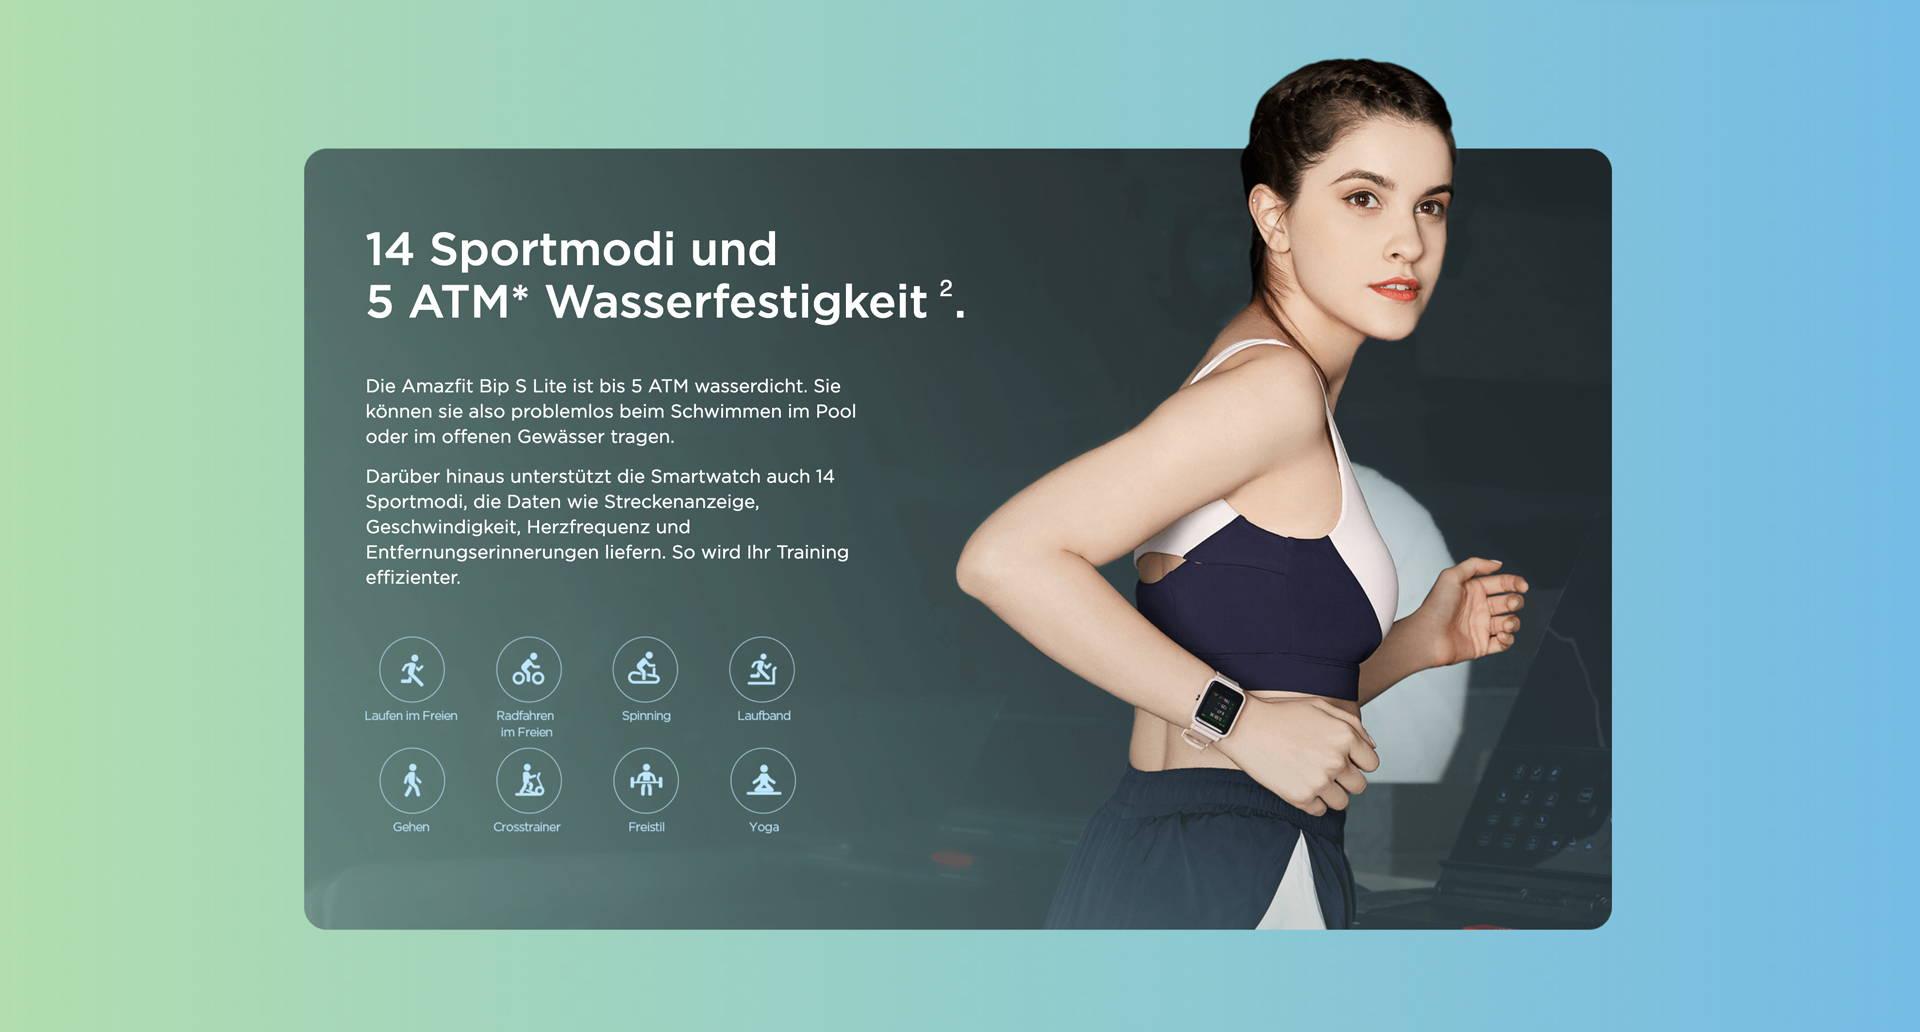 Amazfit DE - Amazfit Bip S Lite - 8 Sportmodi und 5 ATM Wasserfestigkeit.